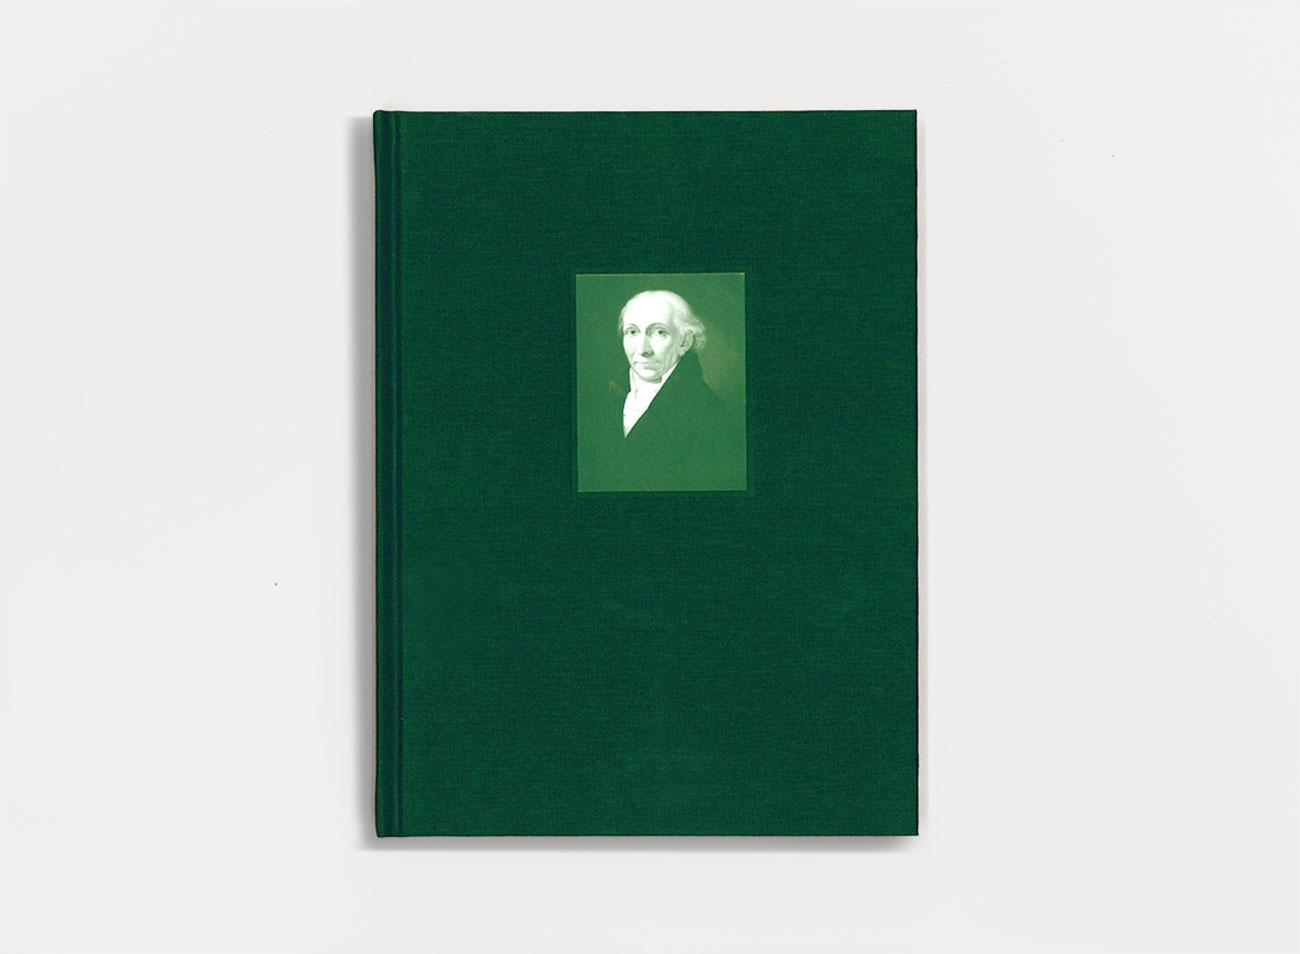 Hmf Buch 1